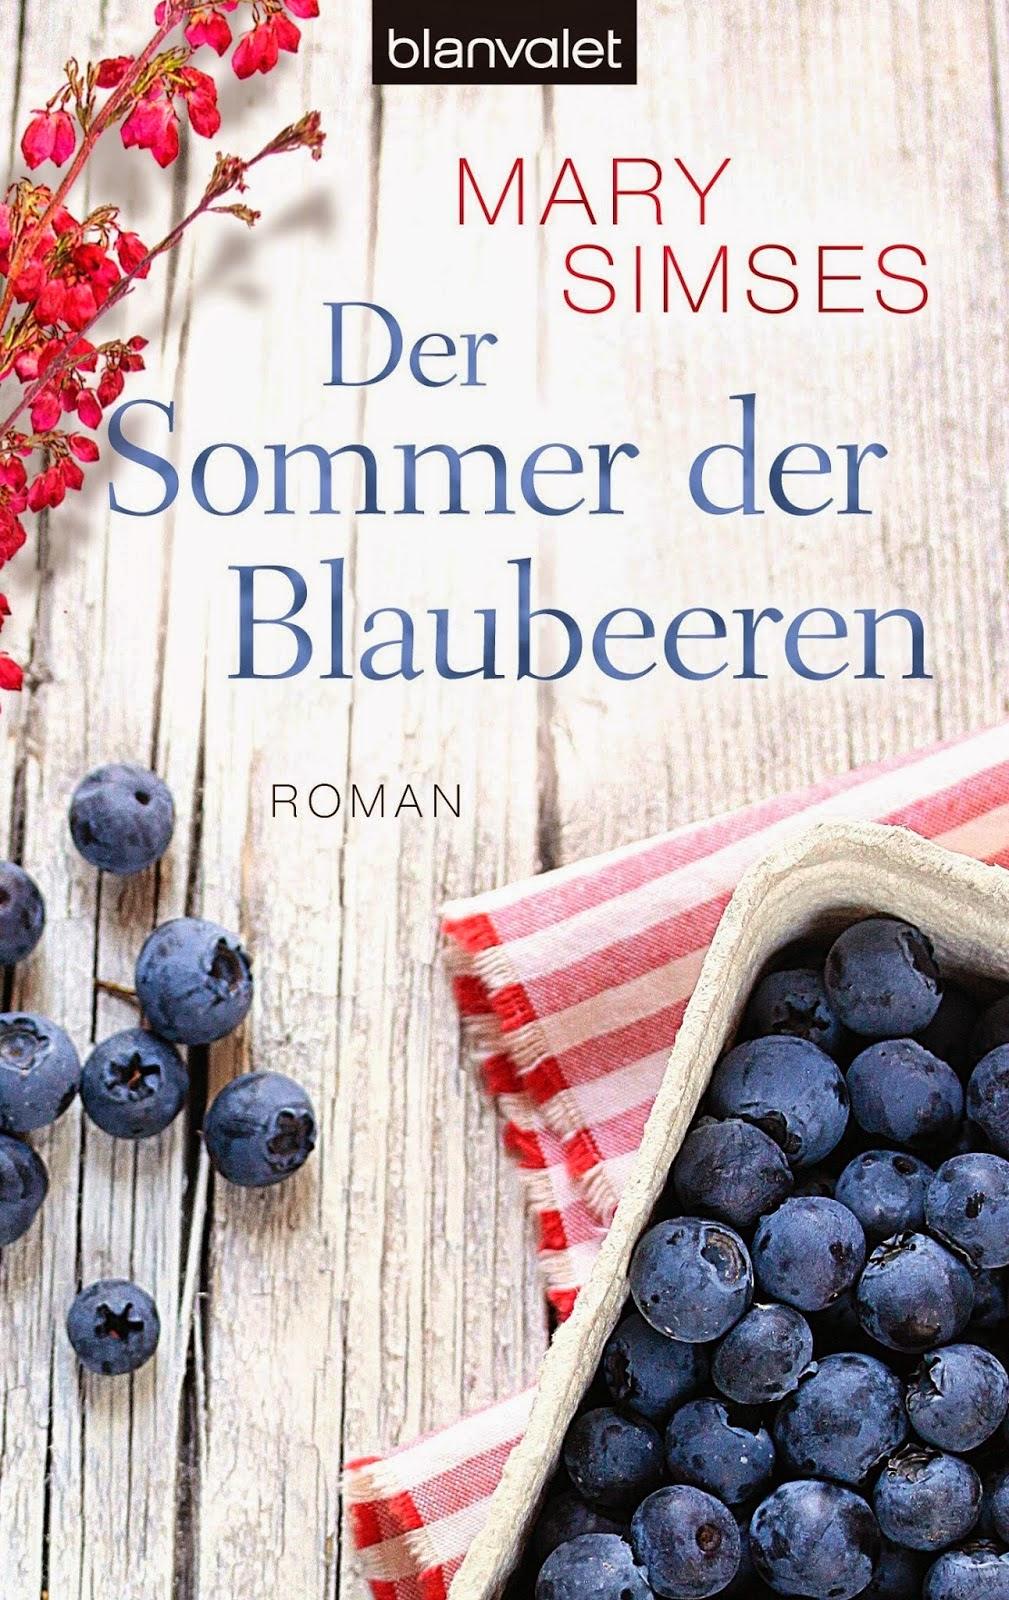 http://www.randomhouse.de/Taschenbuch/Der-Sommer-der-Blaubeeren-Roman/Mary-Simses/e419360.rhd